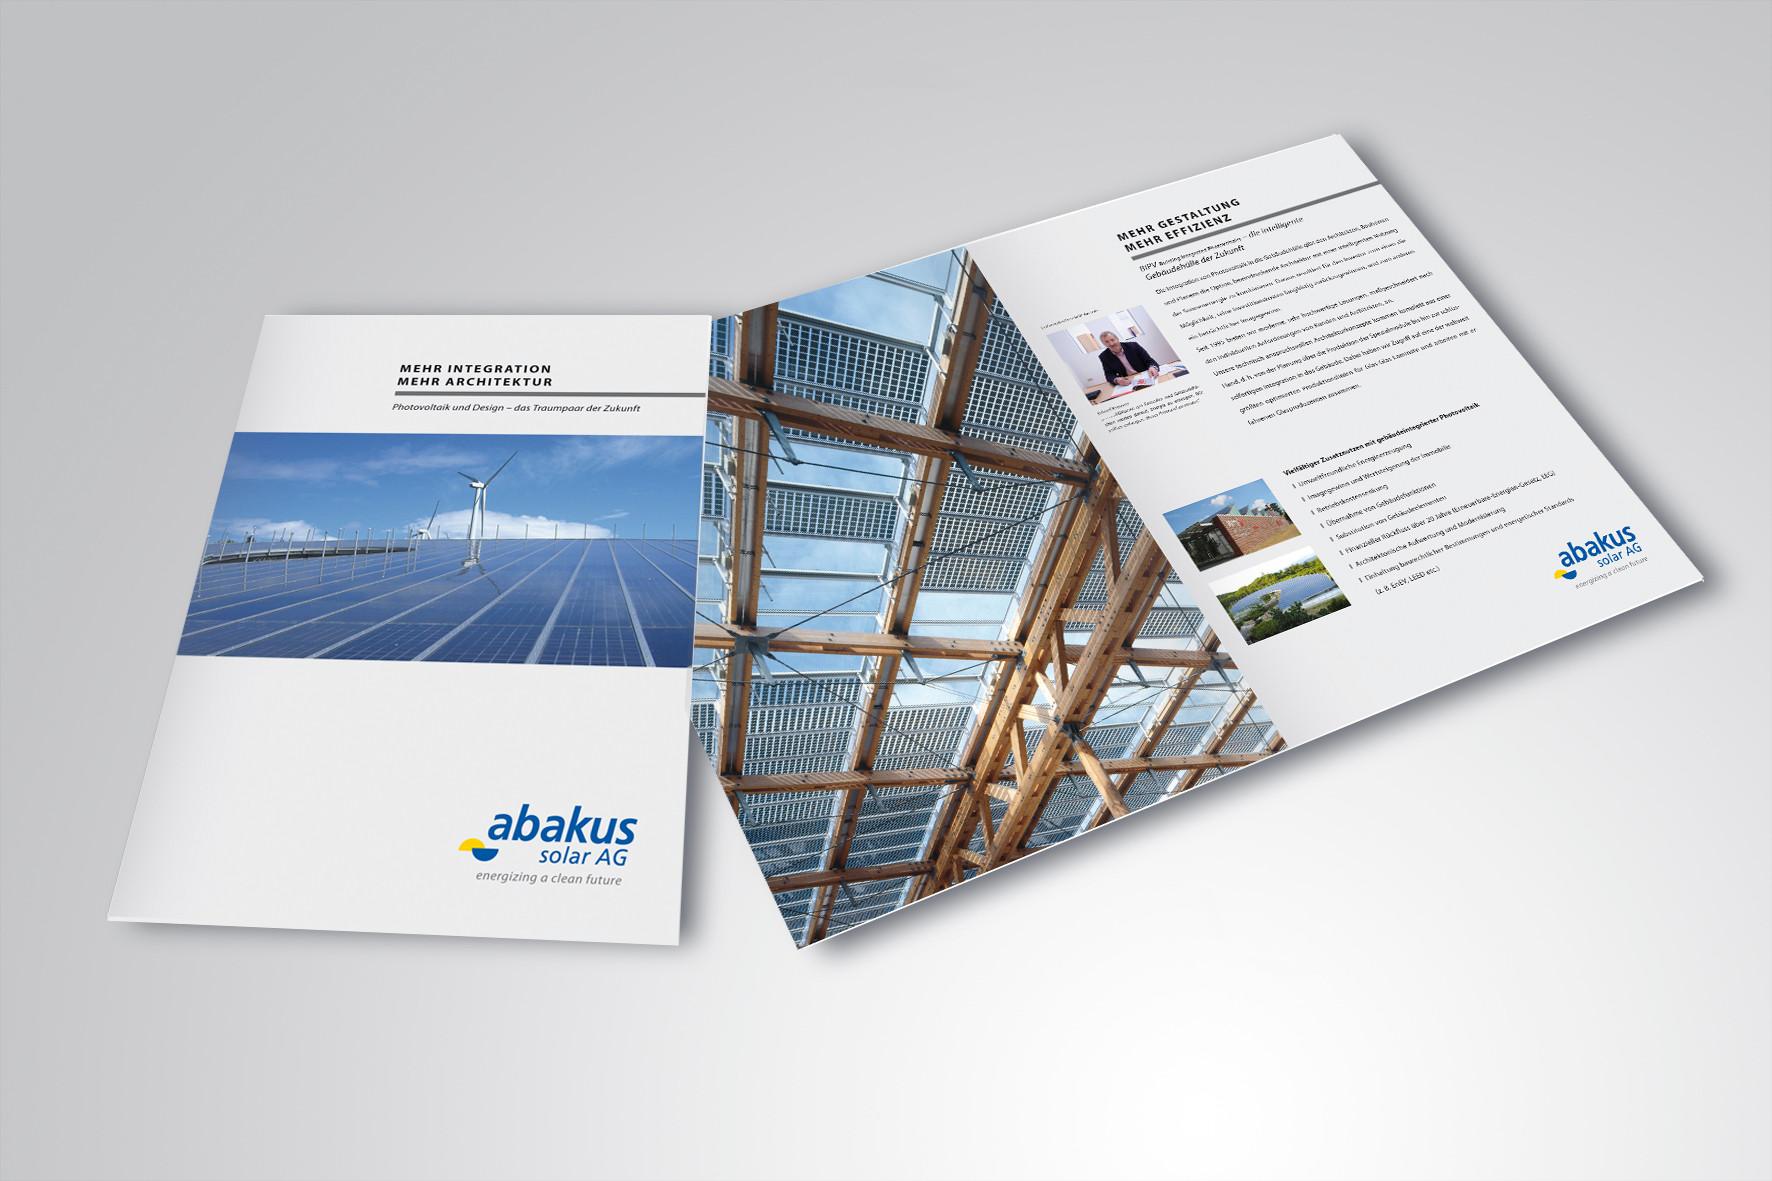 Kunde: abakus solar AG · Produkt: BIPV Broschüre